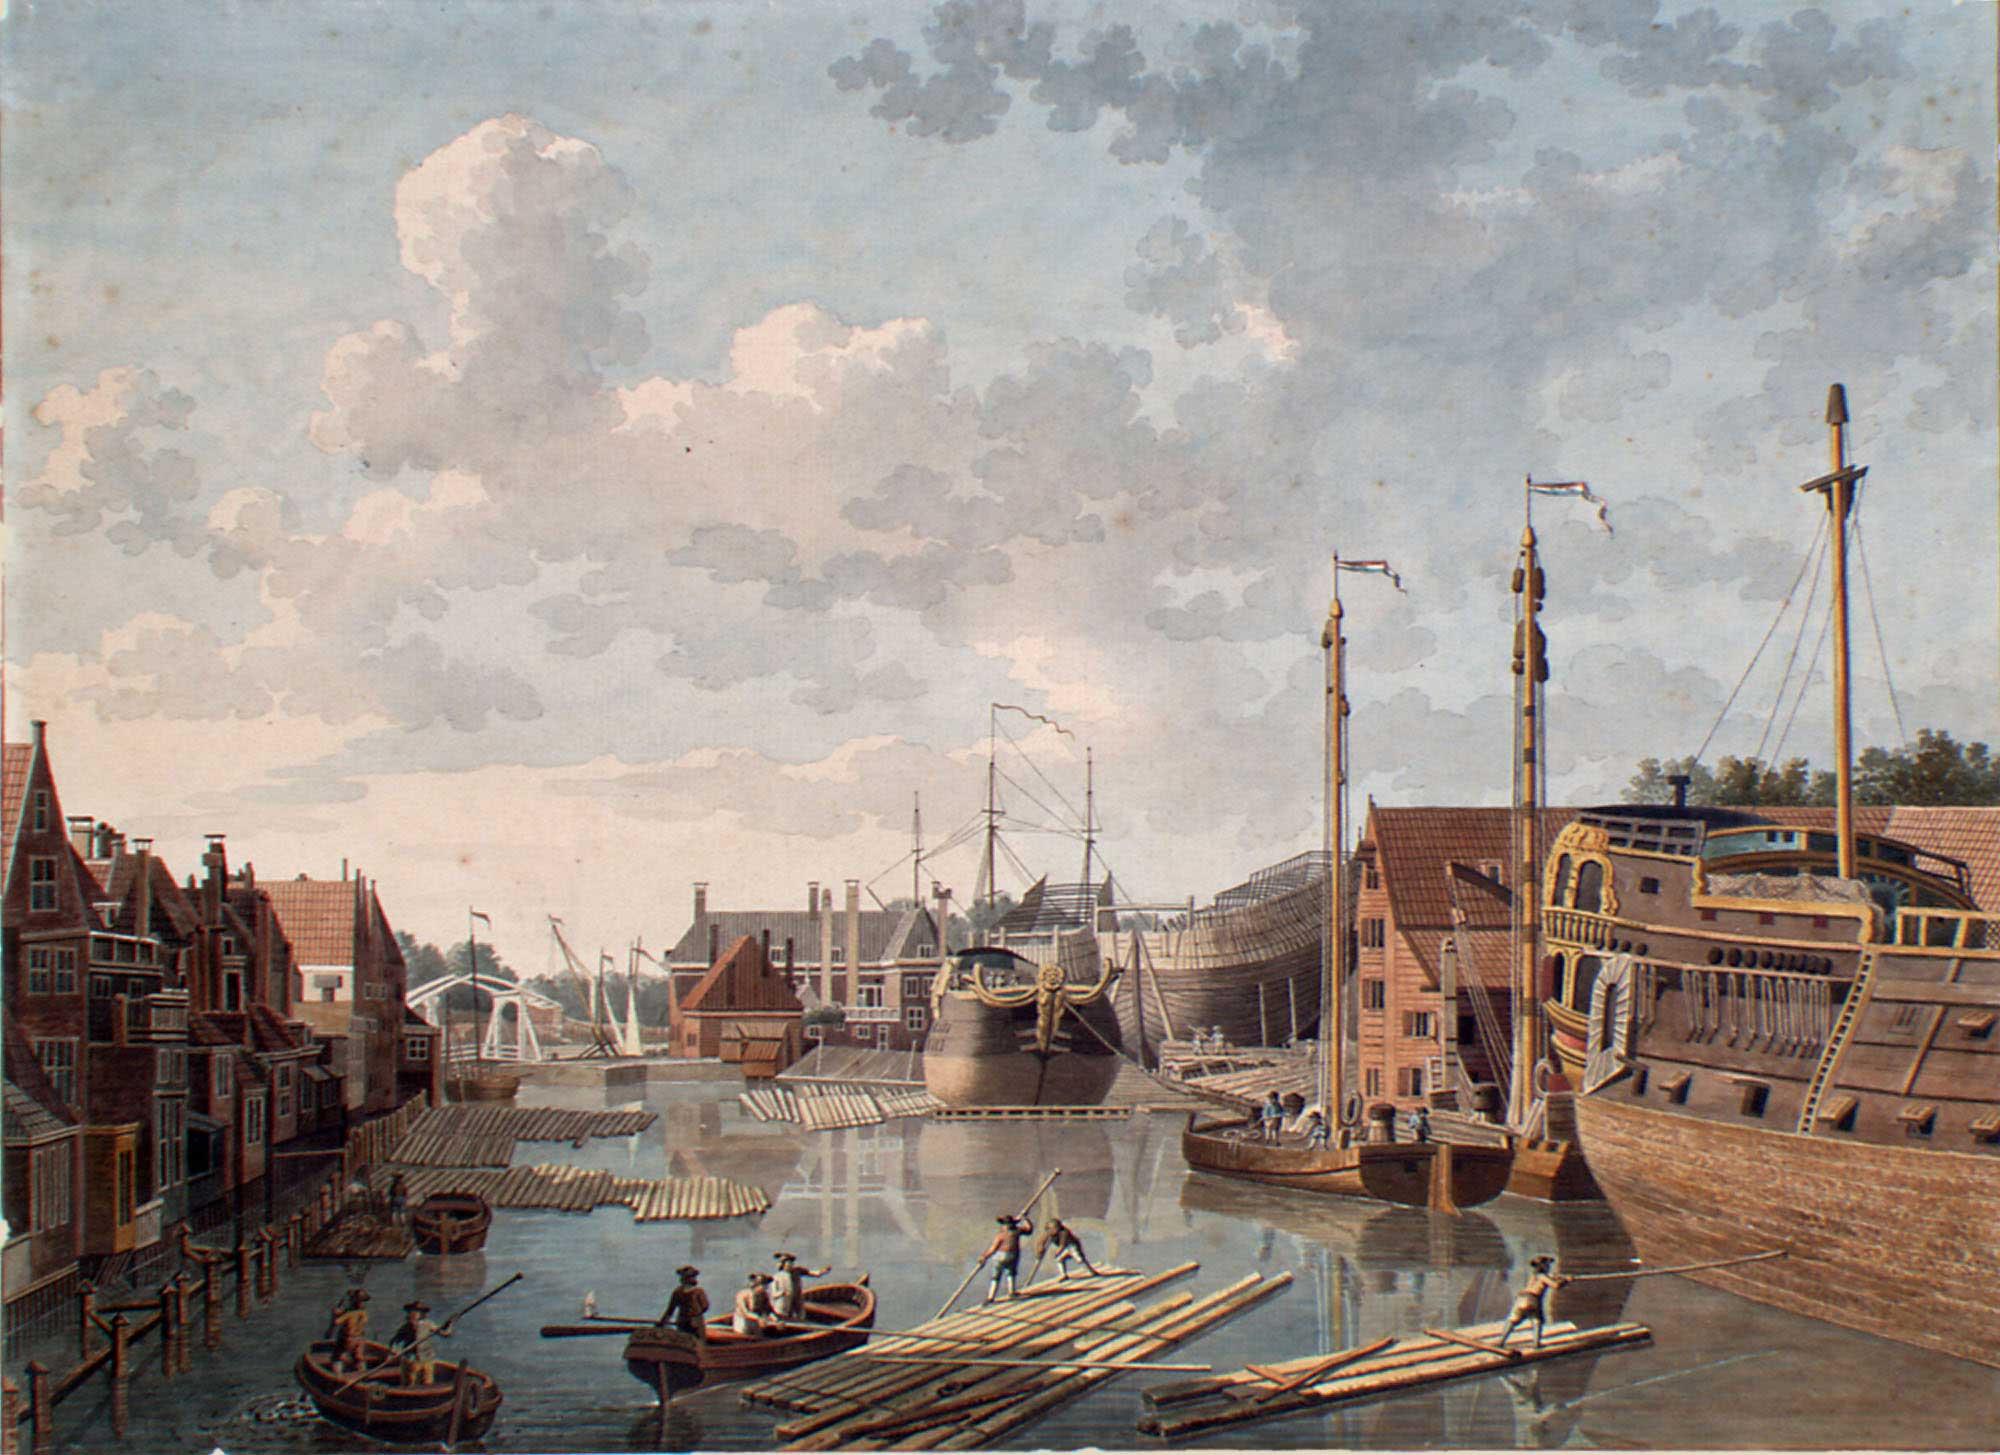 http://eenigheid.slavenhandelmcc.nl/wp-content/uploads/Balkengat-Jan-Arends-ZI-II-04601.jpg